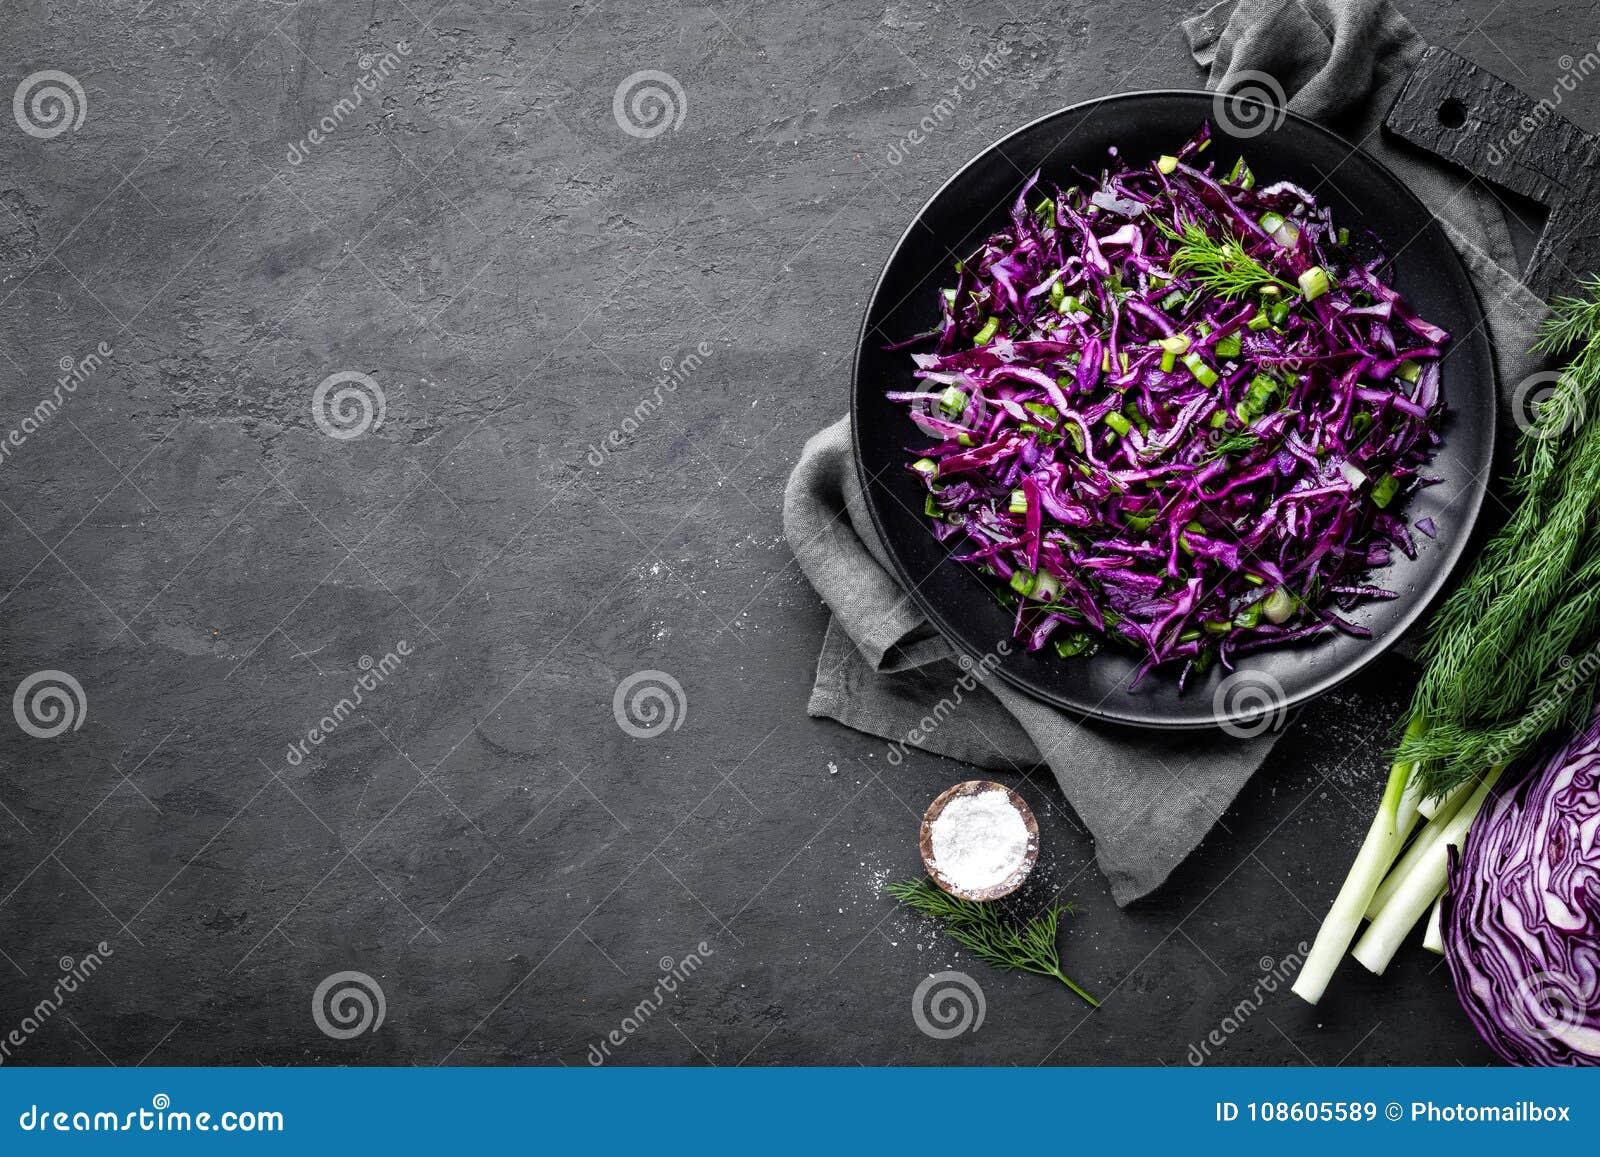 Rotkohlsalat mit frischer Frühlingszwiebel und Dill Vegetarischer Teller